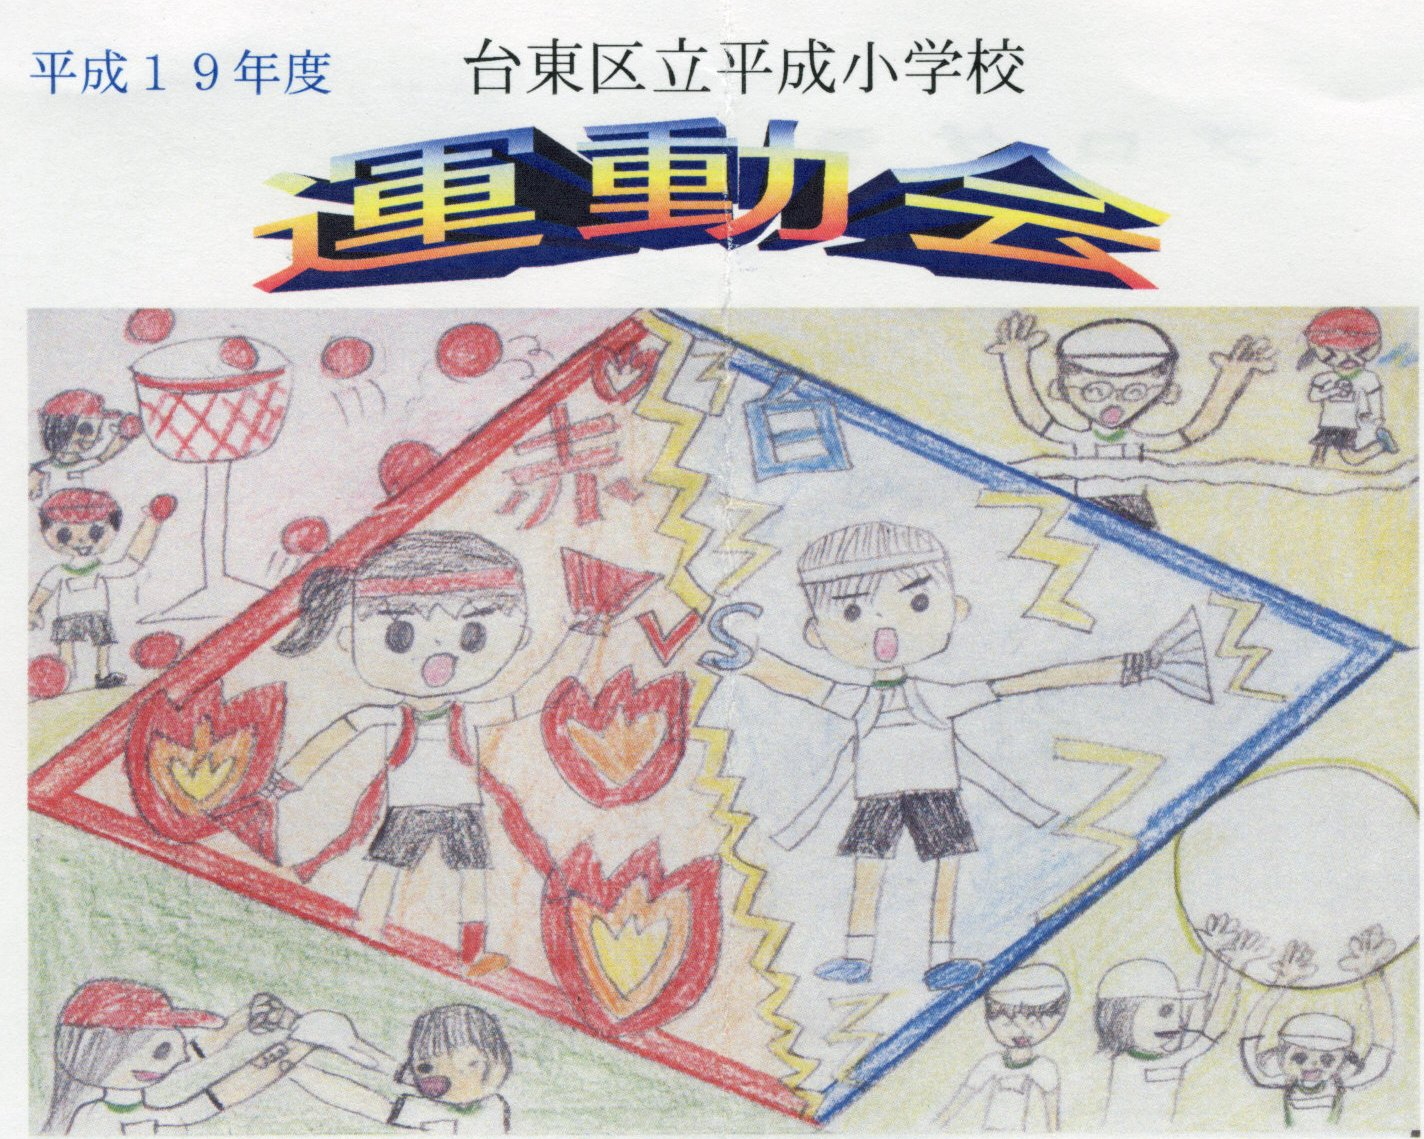 9月30日は平成小学校の運動会_f0073704_23513621.jpg